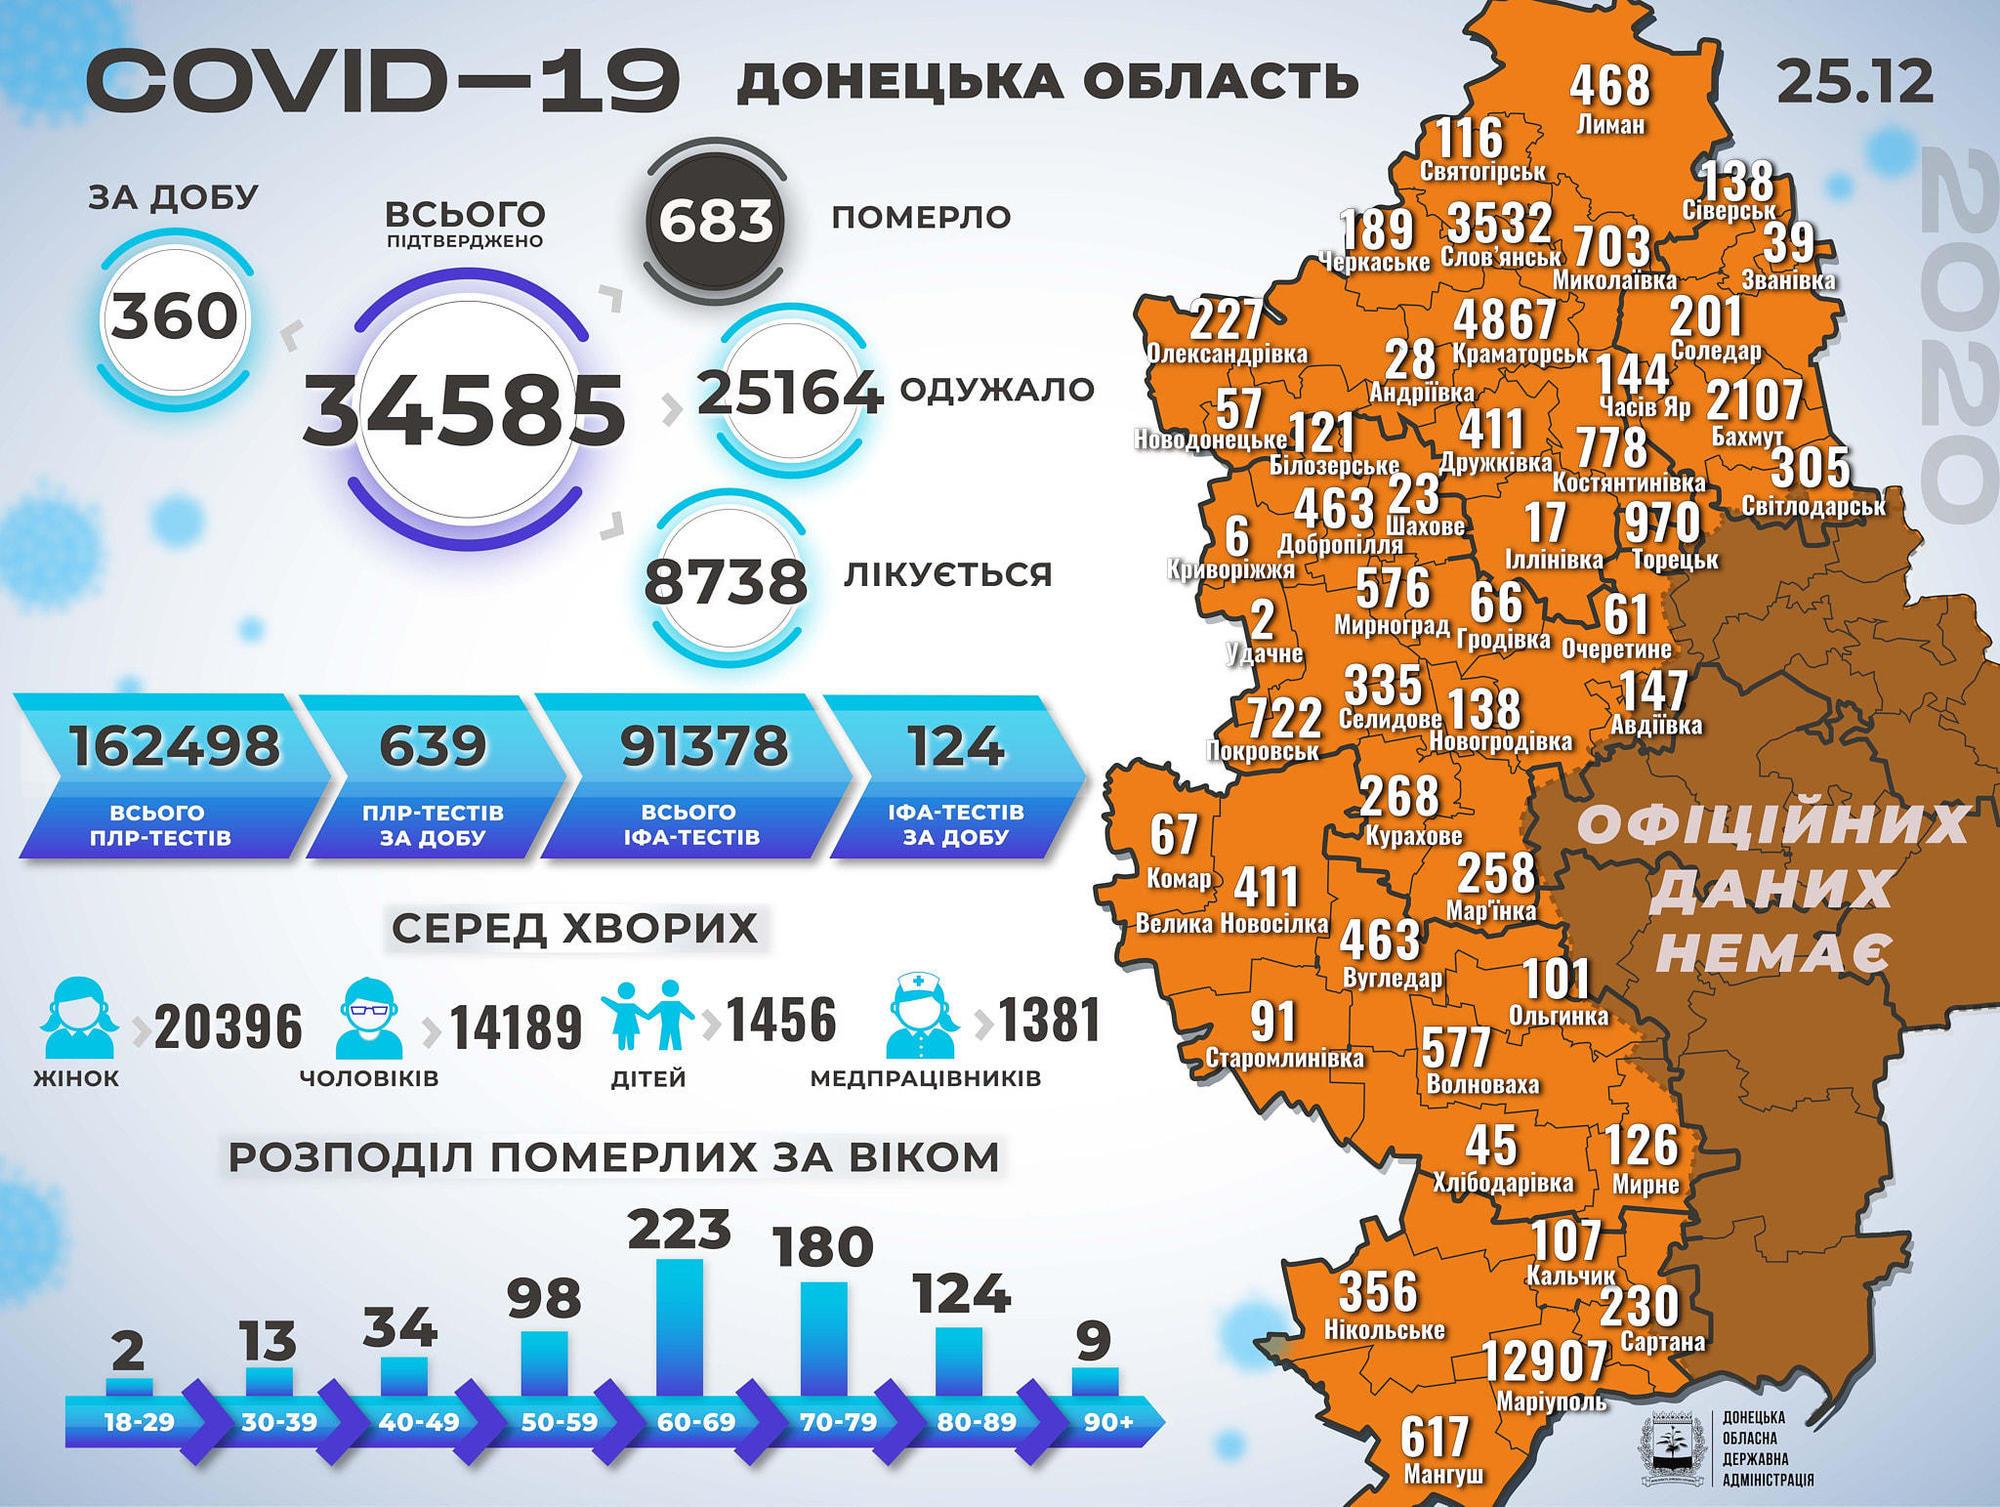 Статистика коронавируса в Донецкой области по состоянию на 26 декабря